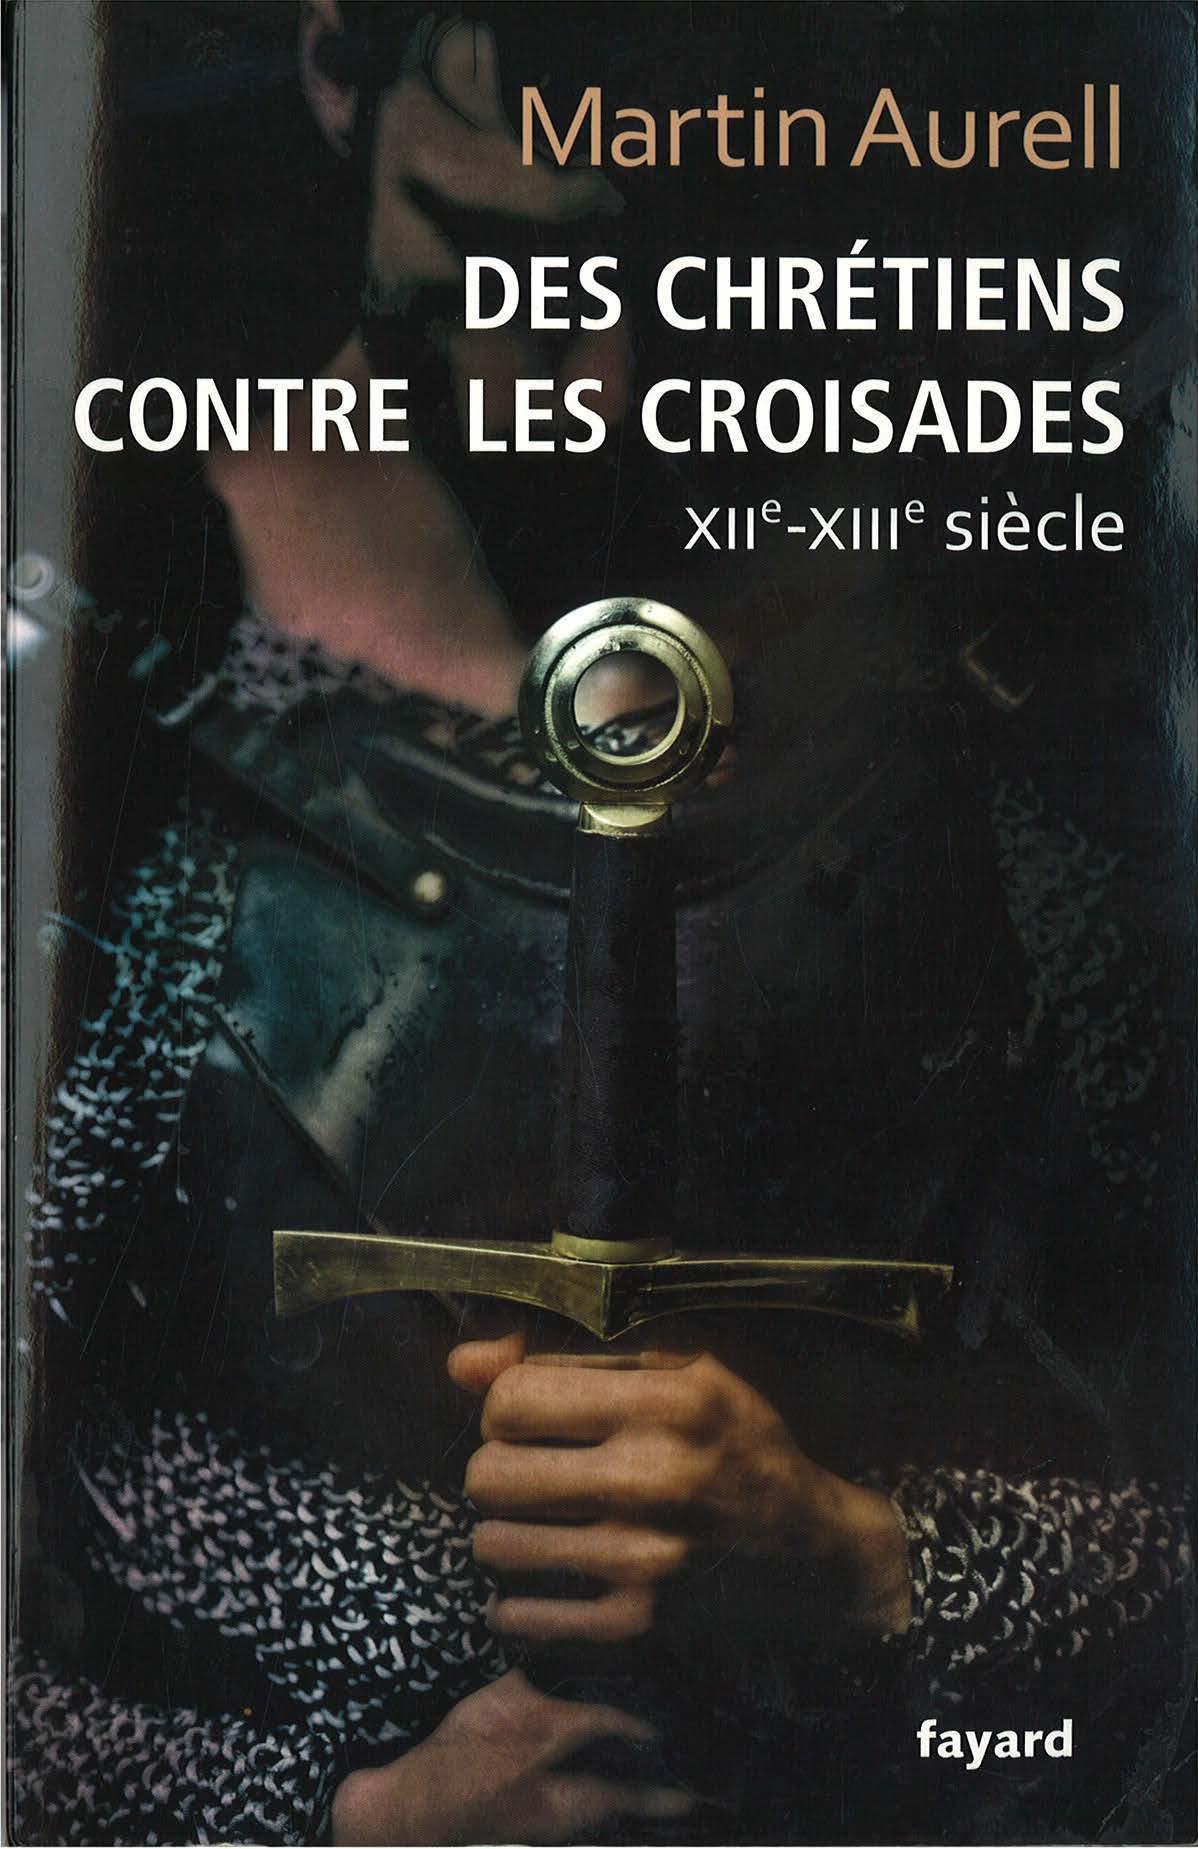 Martin Aurell: Des Chrétiens contre les croisades (XIIe-XIIIe siècle)